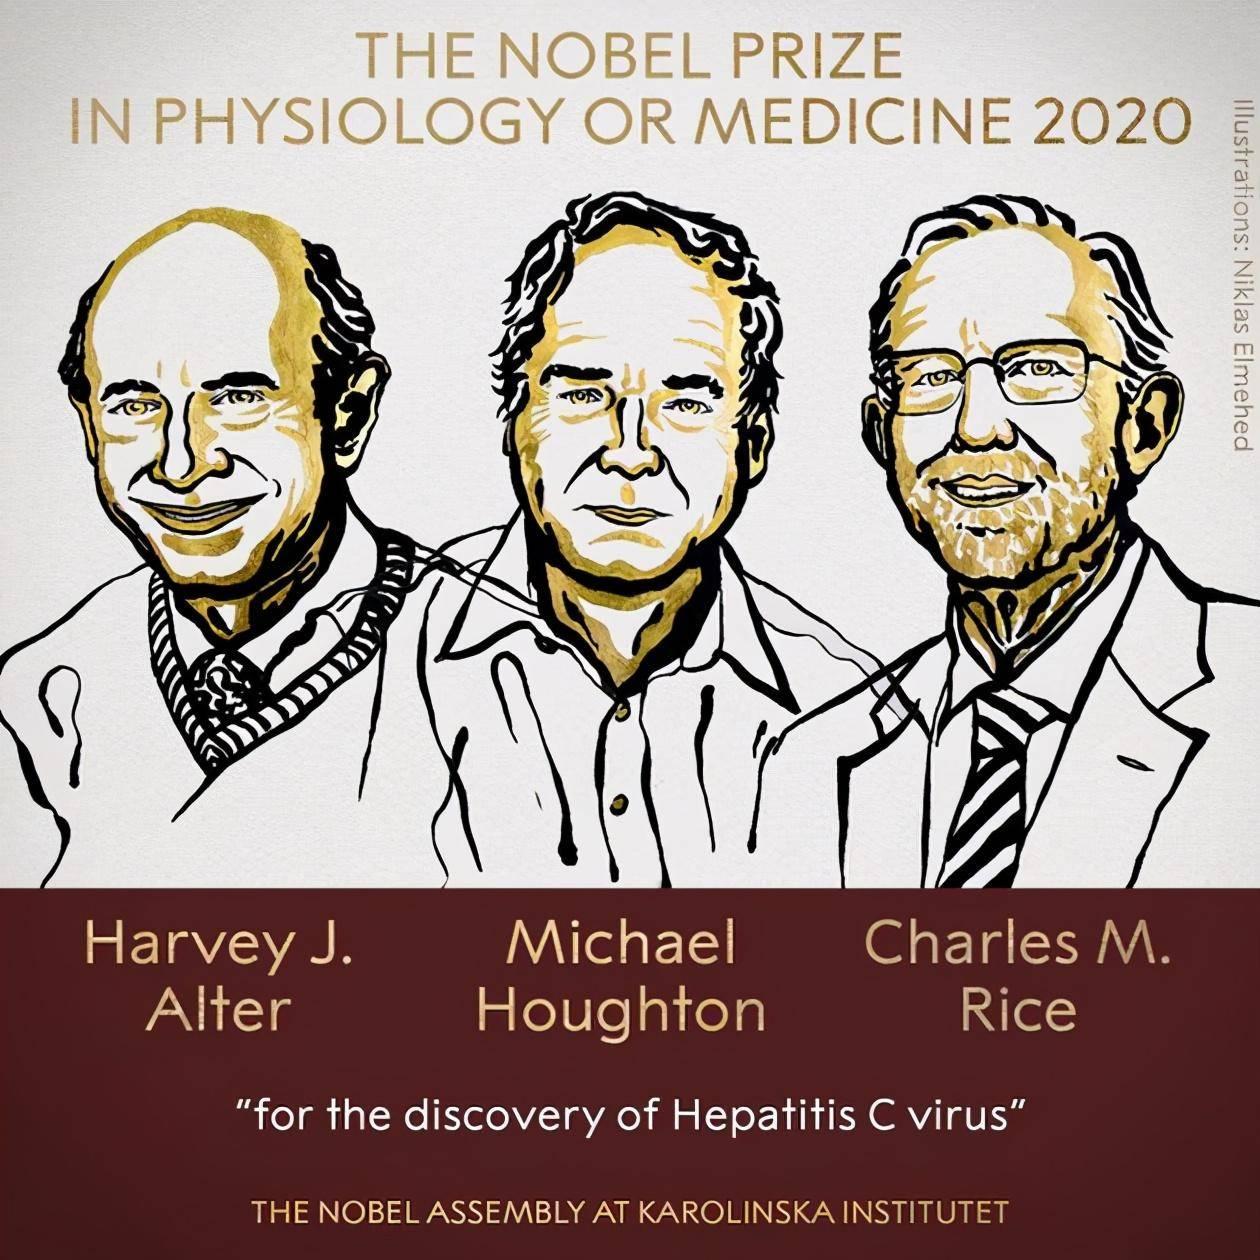 2020年诺贝尔医学奖揭晓:他们凭什么获奖,就能拯救百万人的生命